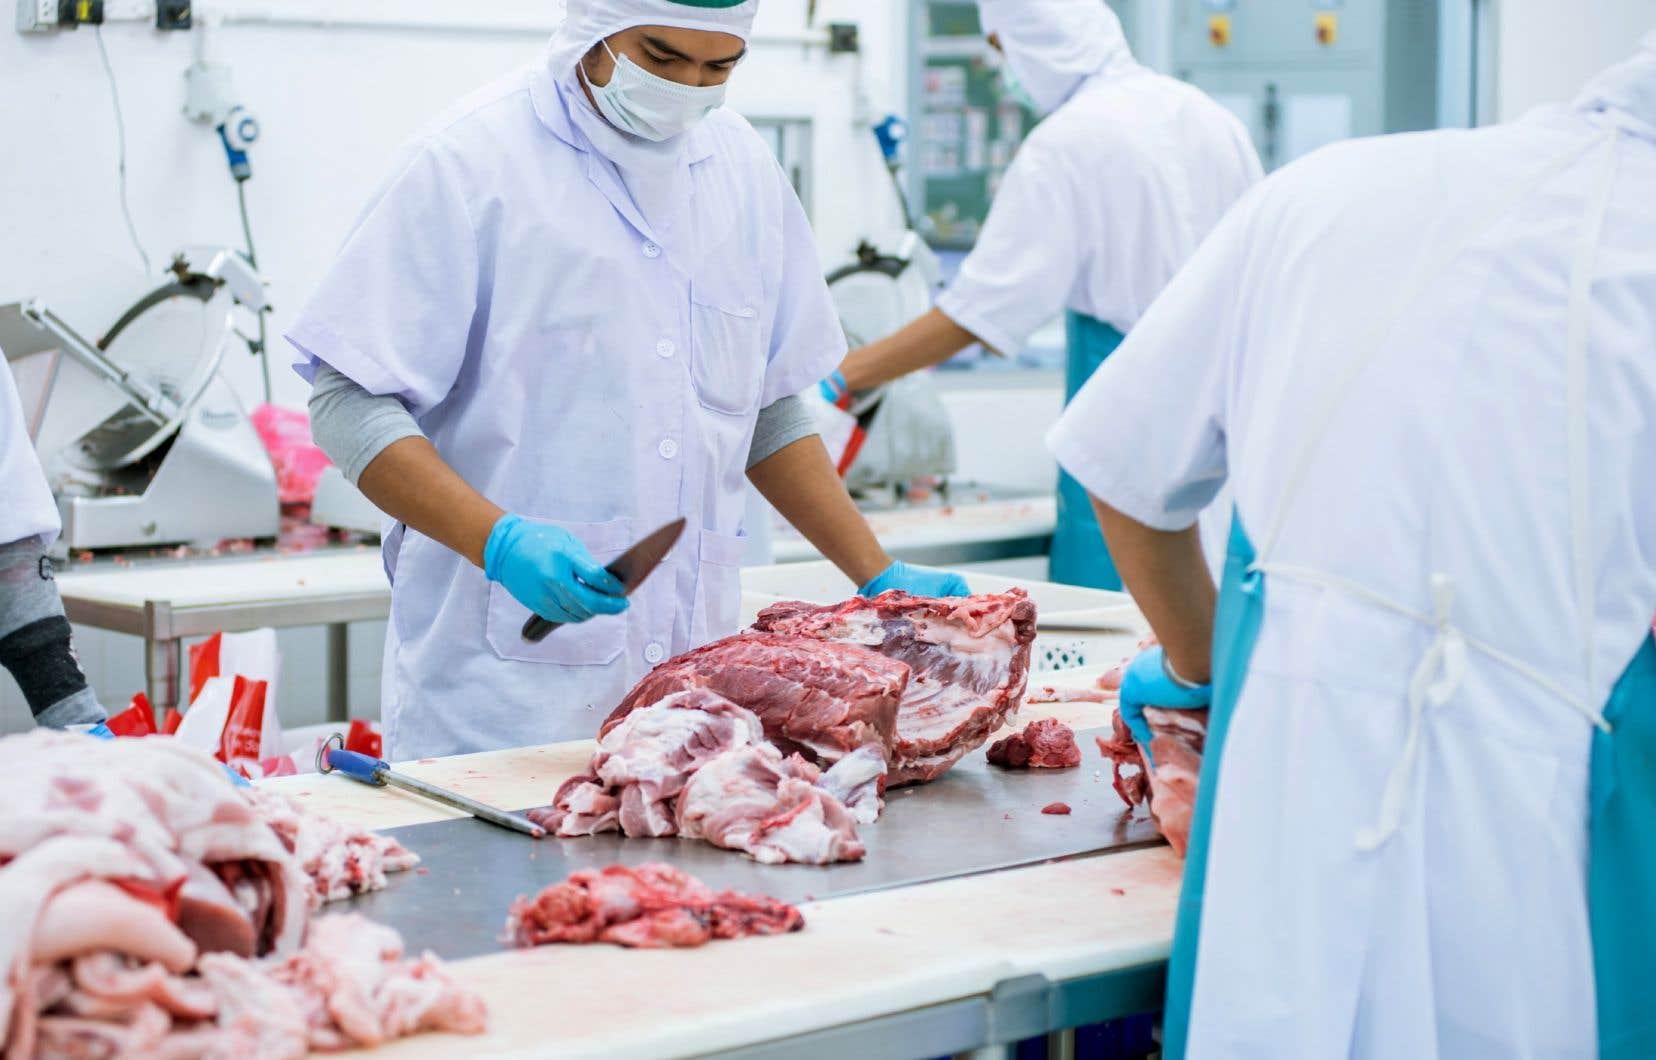 En 2019, environ 3,3 millions de bovins ont été abattus au Canada dans les établissements inspectés par les gouvernements fédéral et provinciaux.